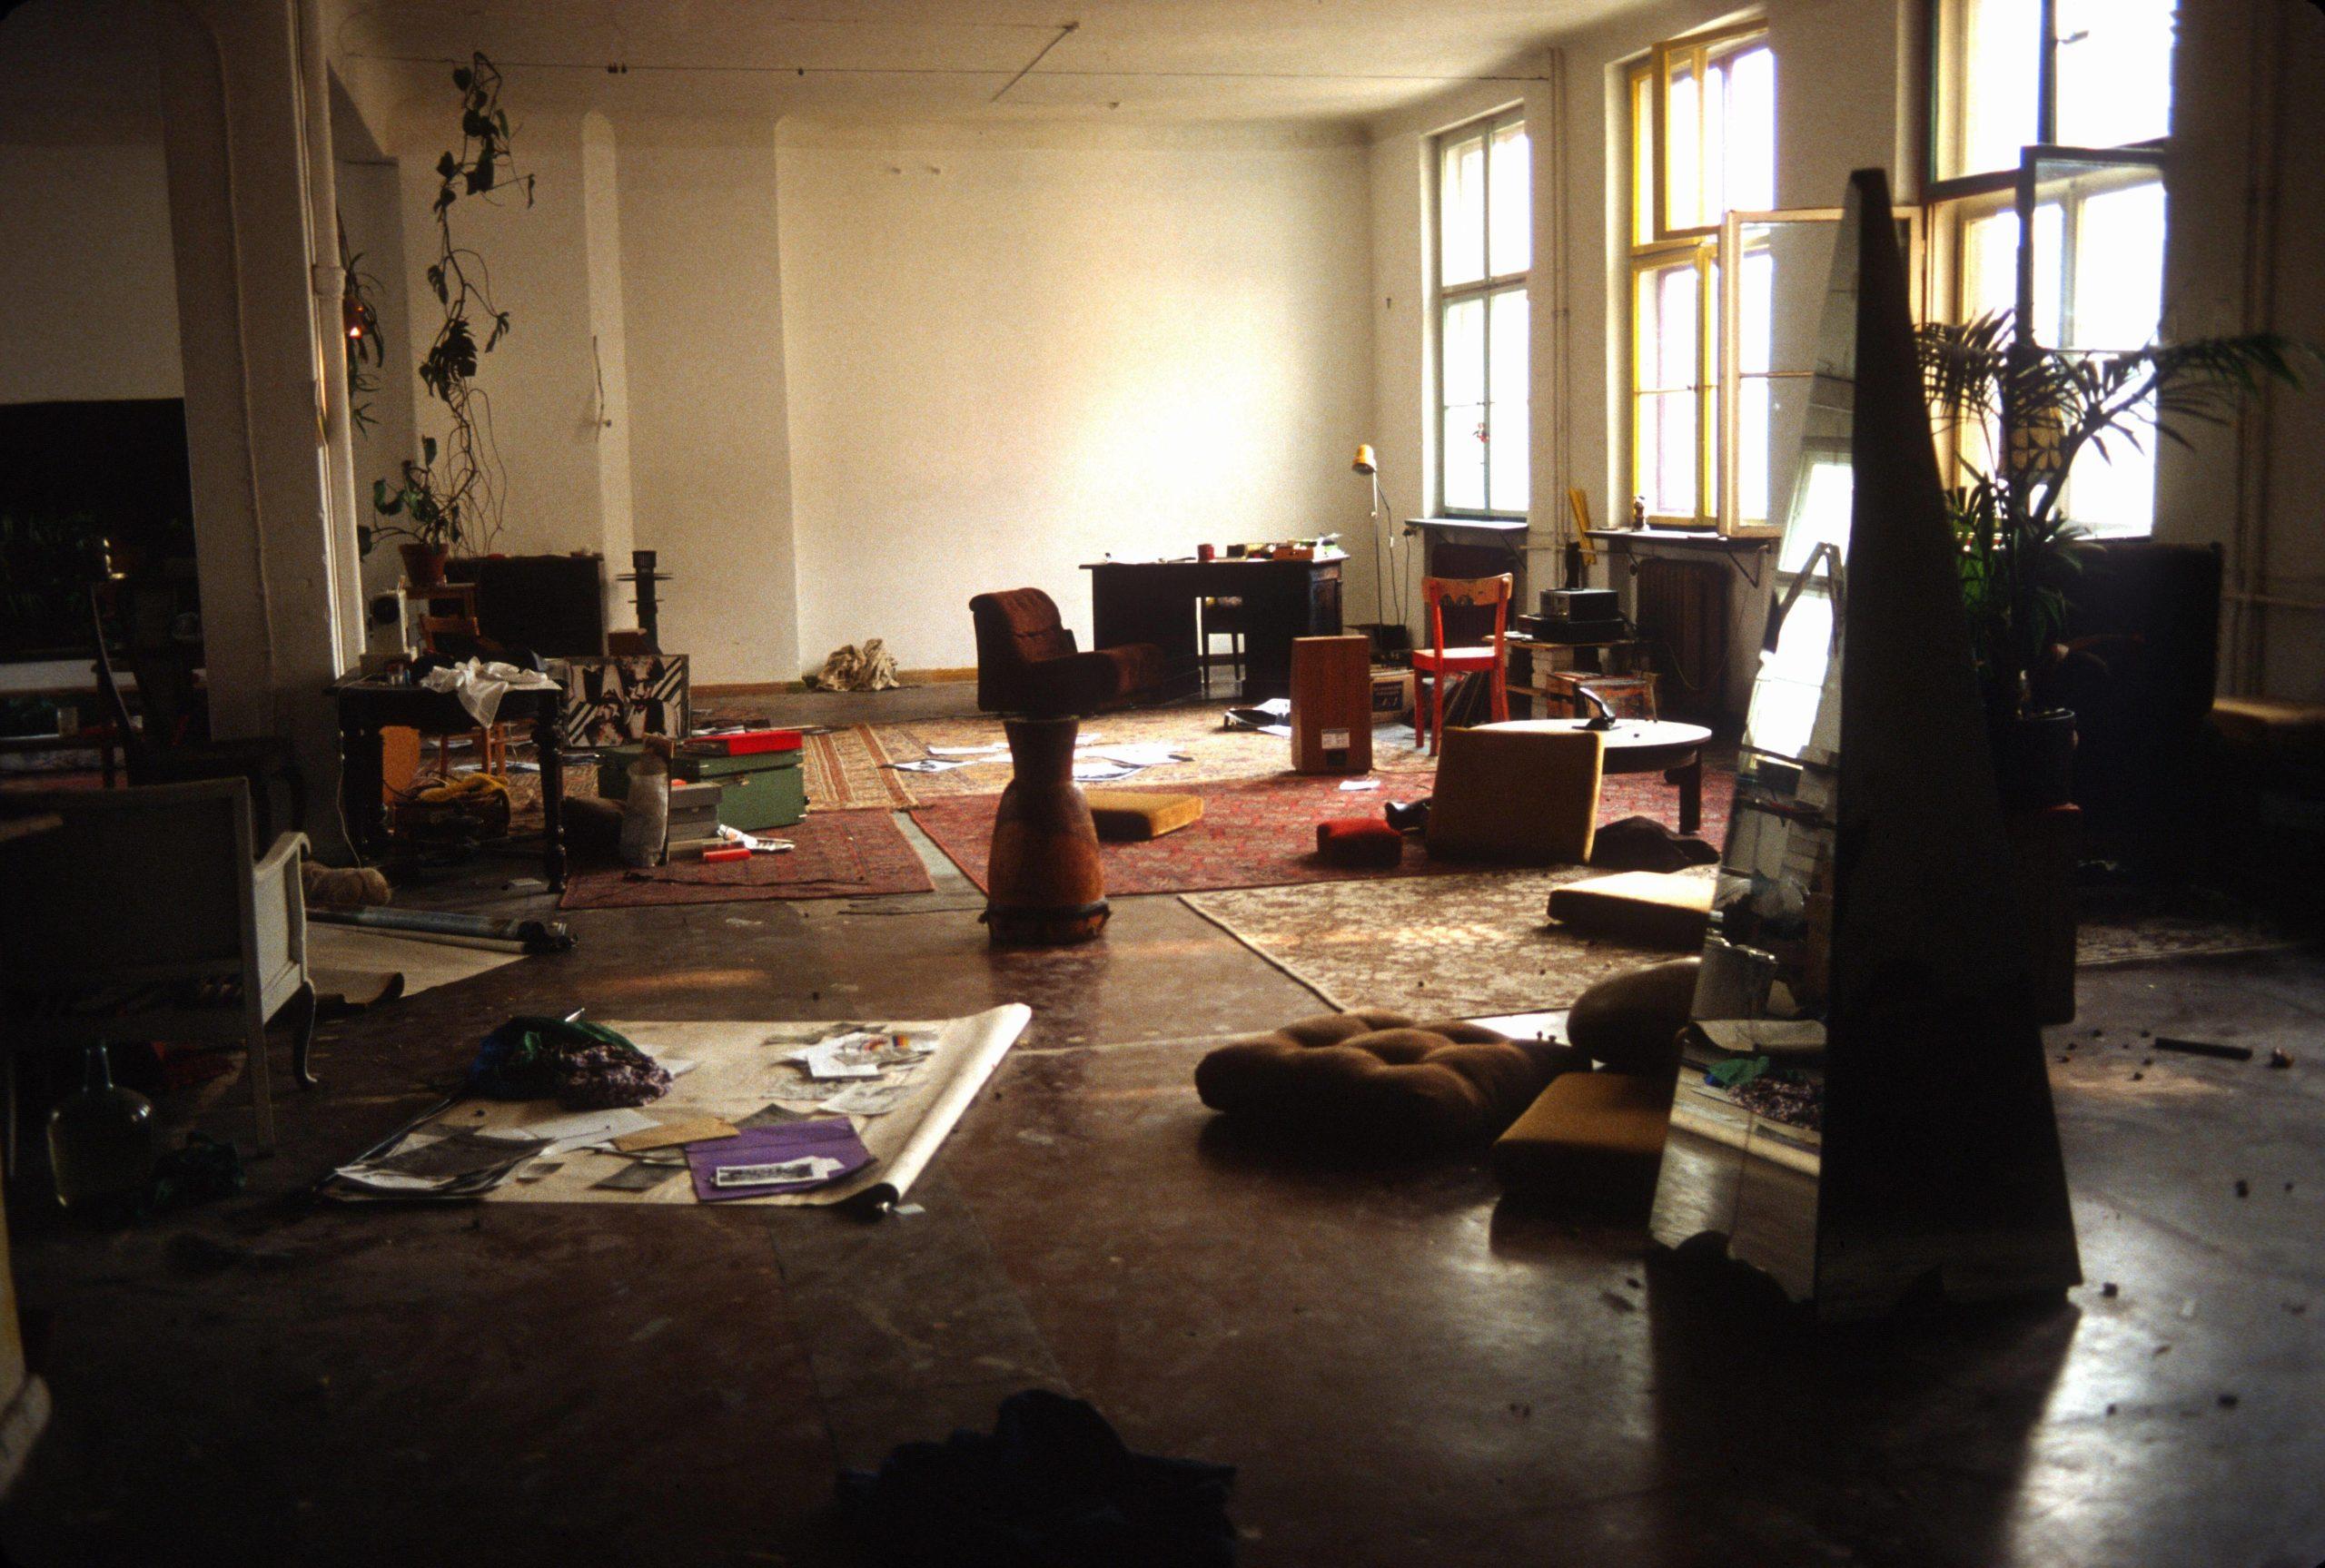 Berlin und Ton Steine Scherben: Georg von Rauch-Haus, West-Berlin. Foto: Imago/Ilse Ruppert/Photo12